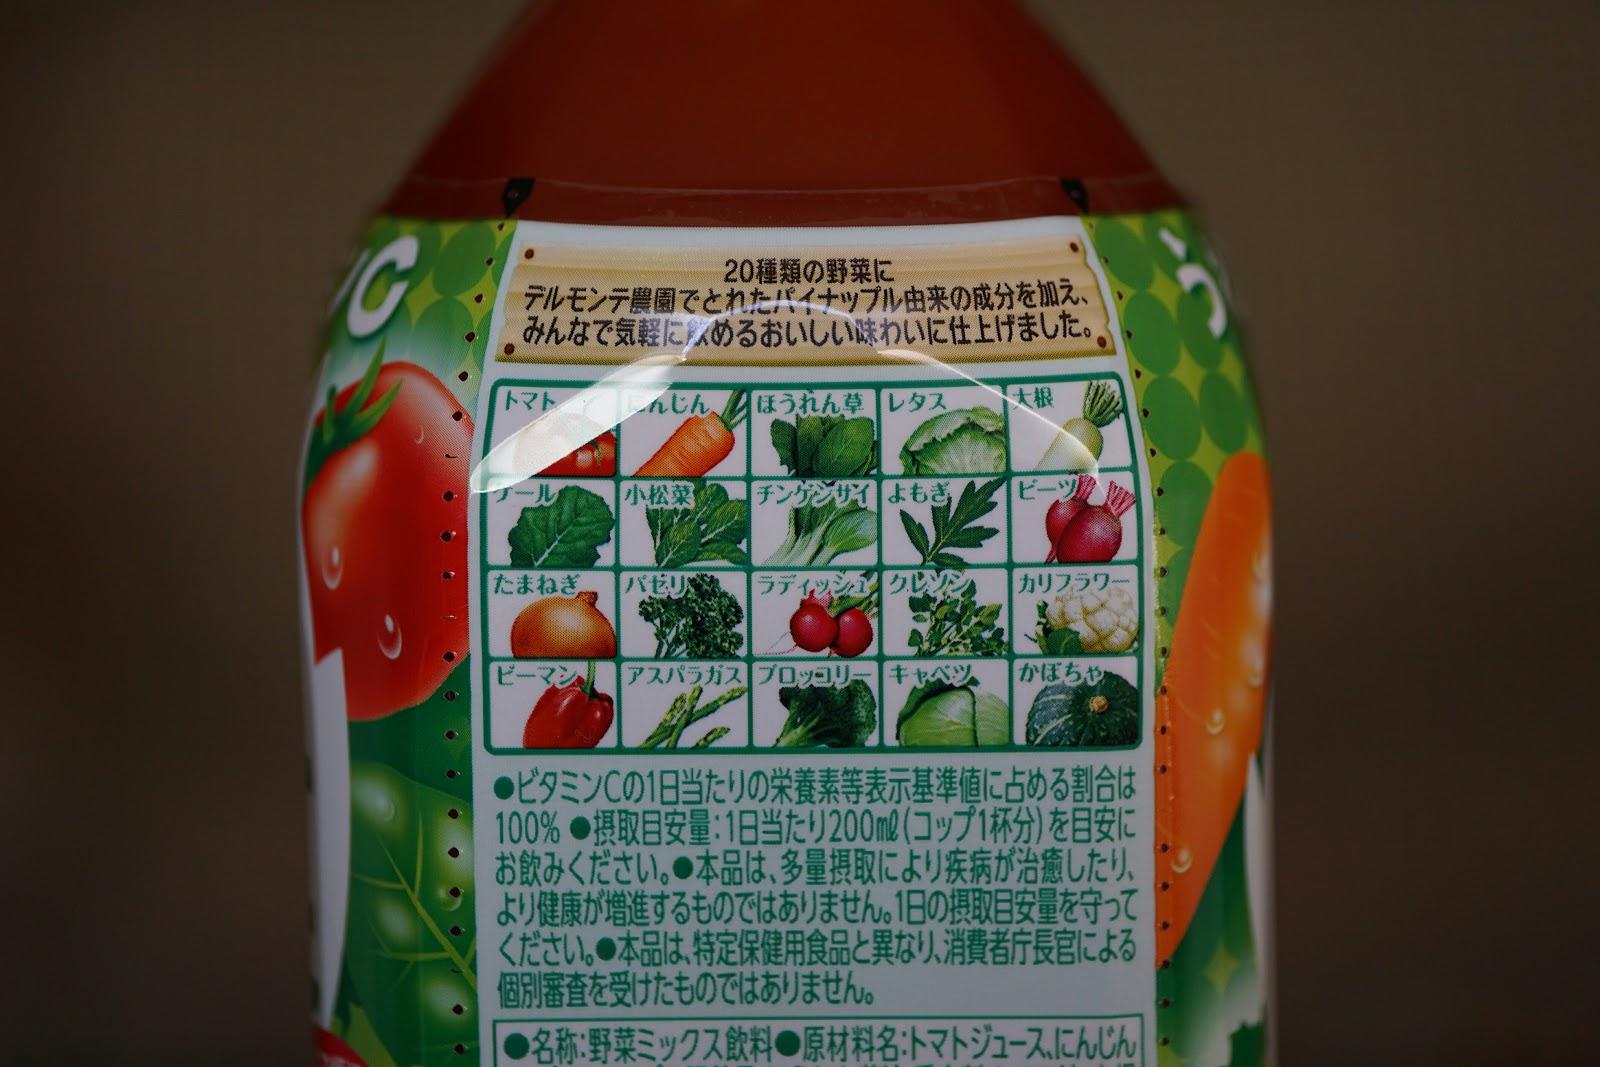 デルモンテのみんなの野菜(食塩無添加)の使用される二十種類の野菜が表示されたラベル